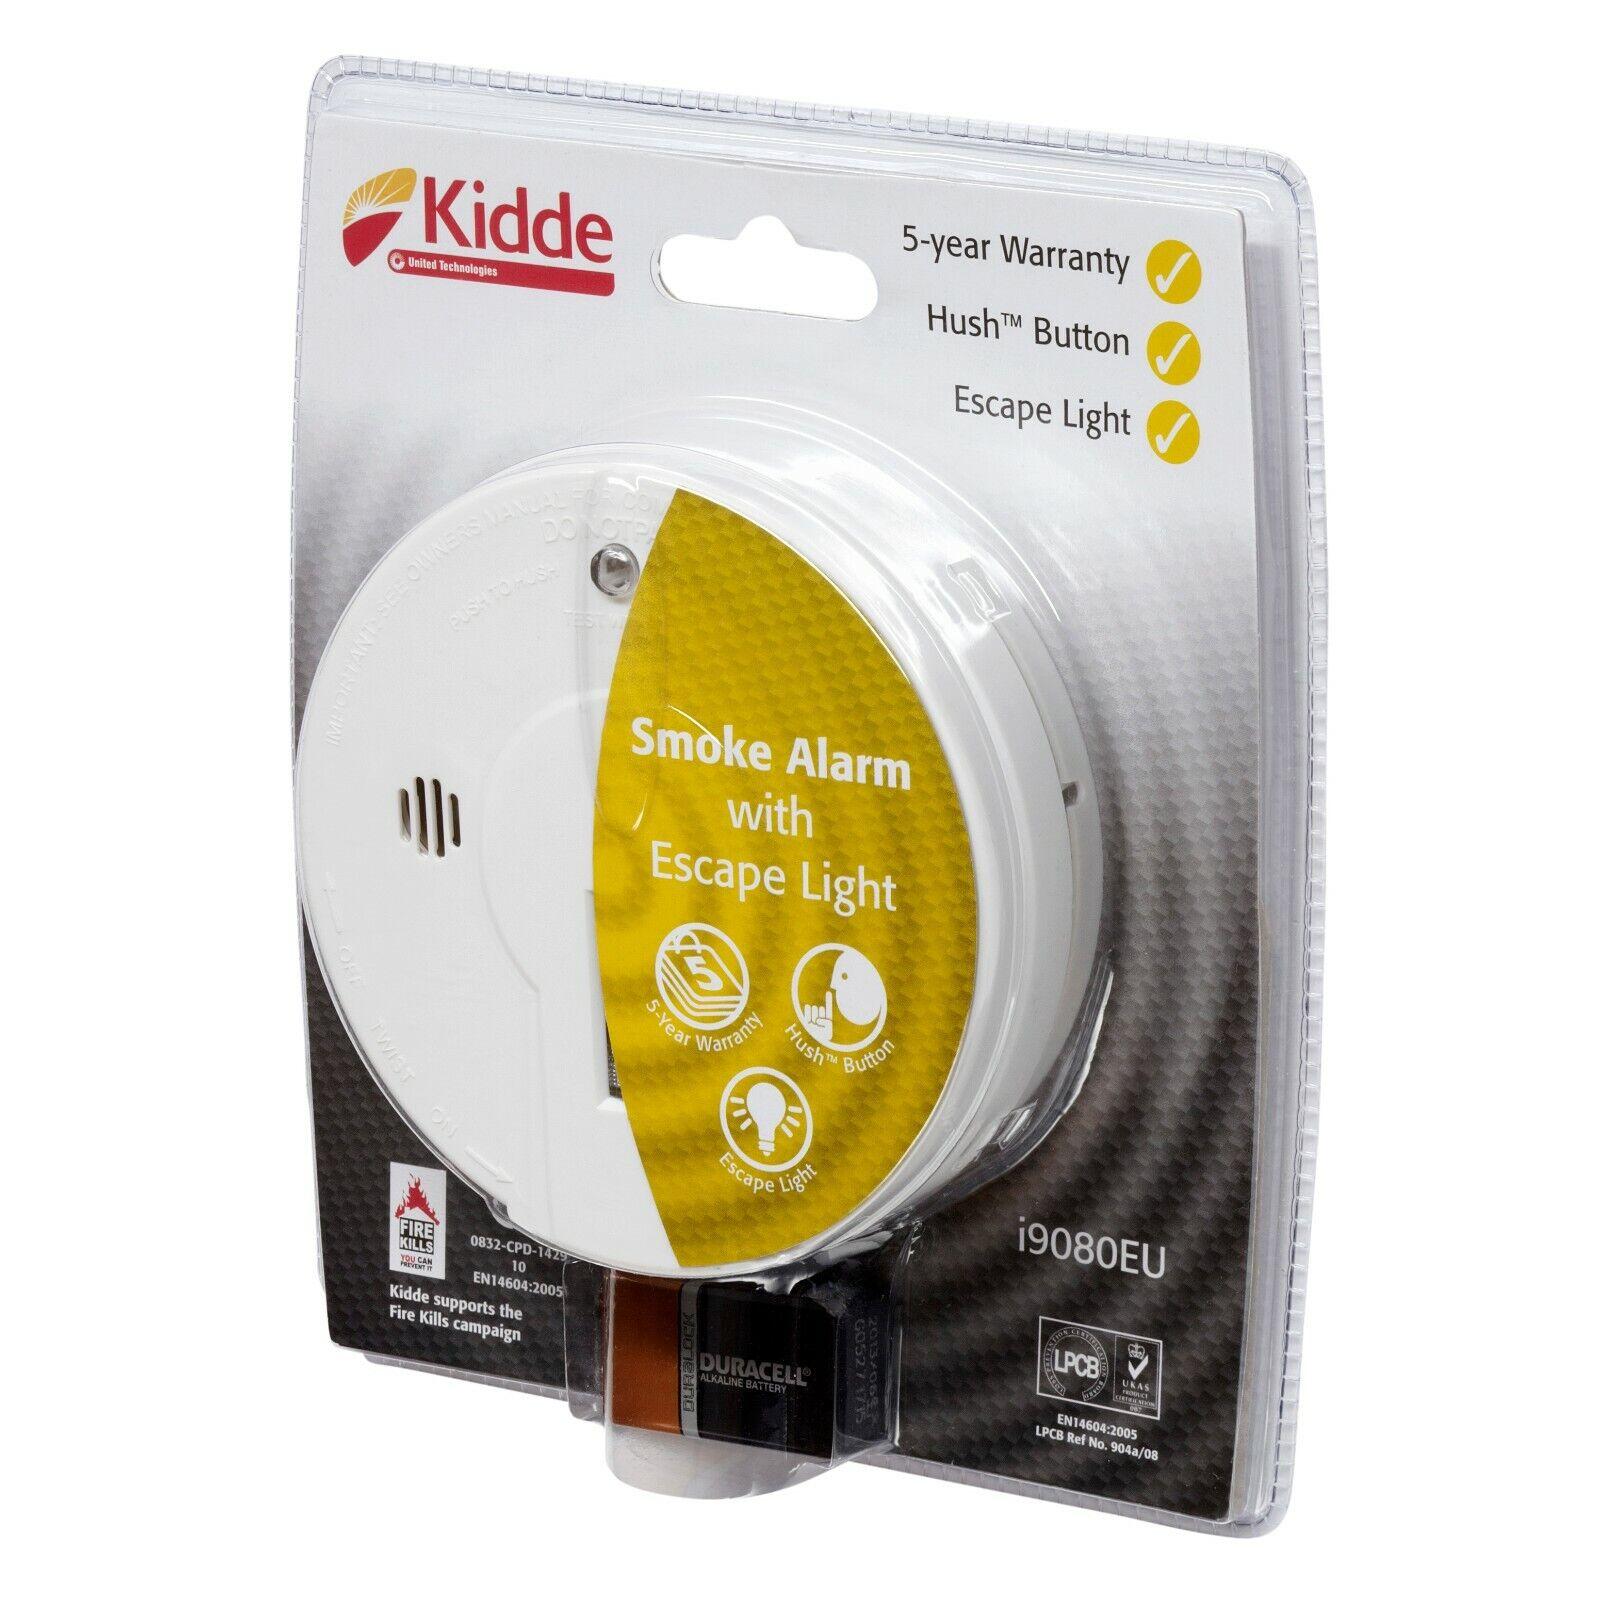 Kidde i9080 Ionisation Smoke Alarm with